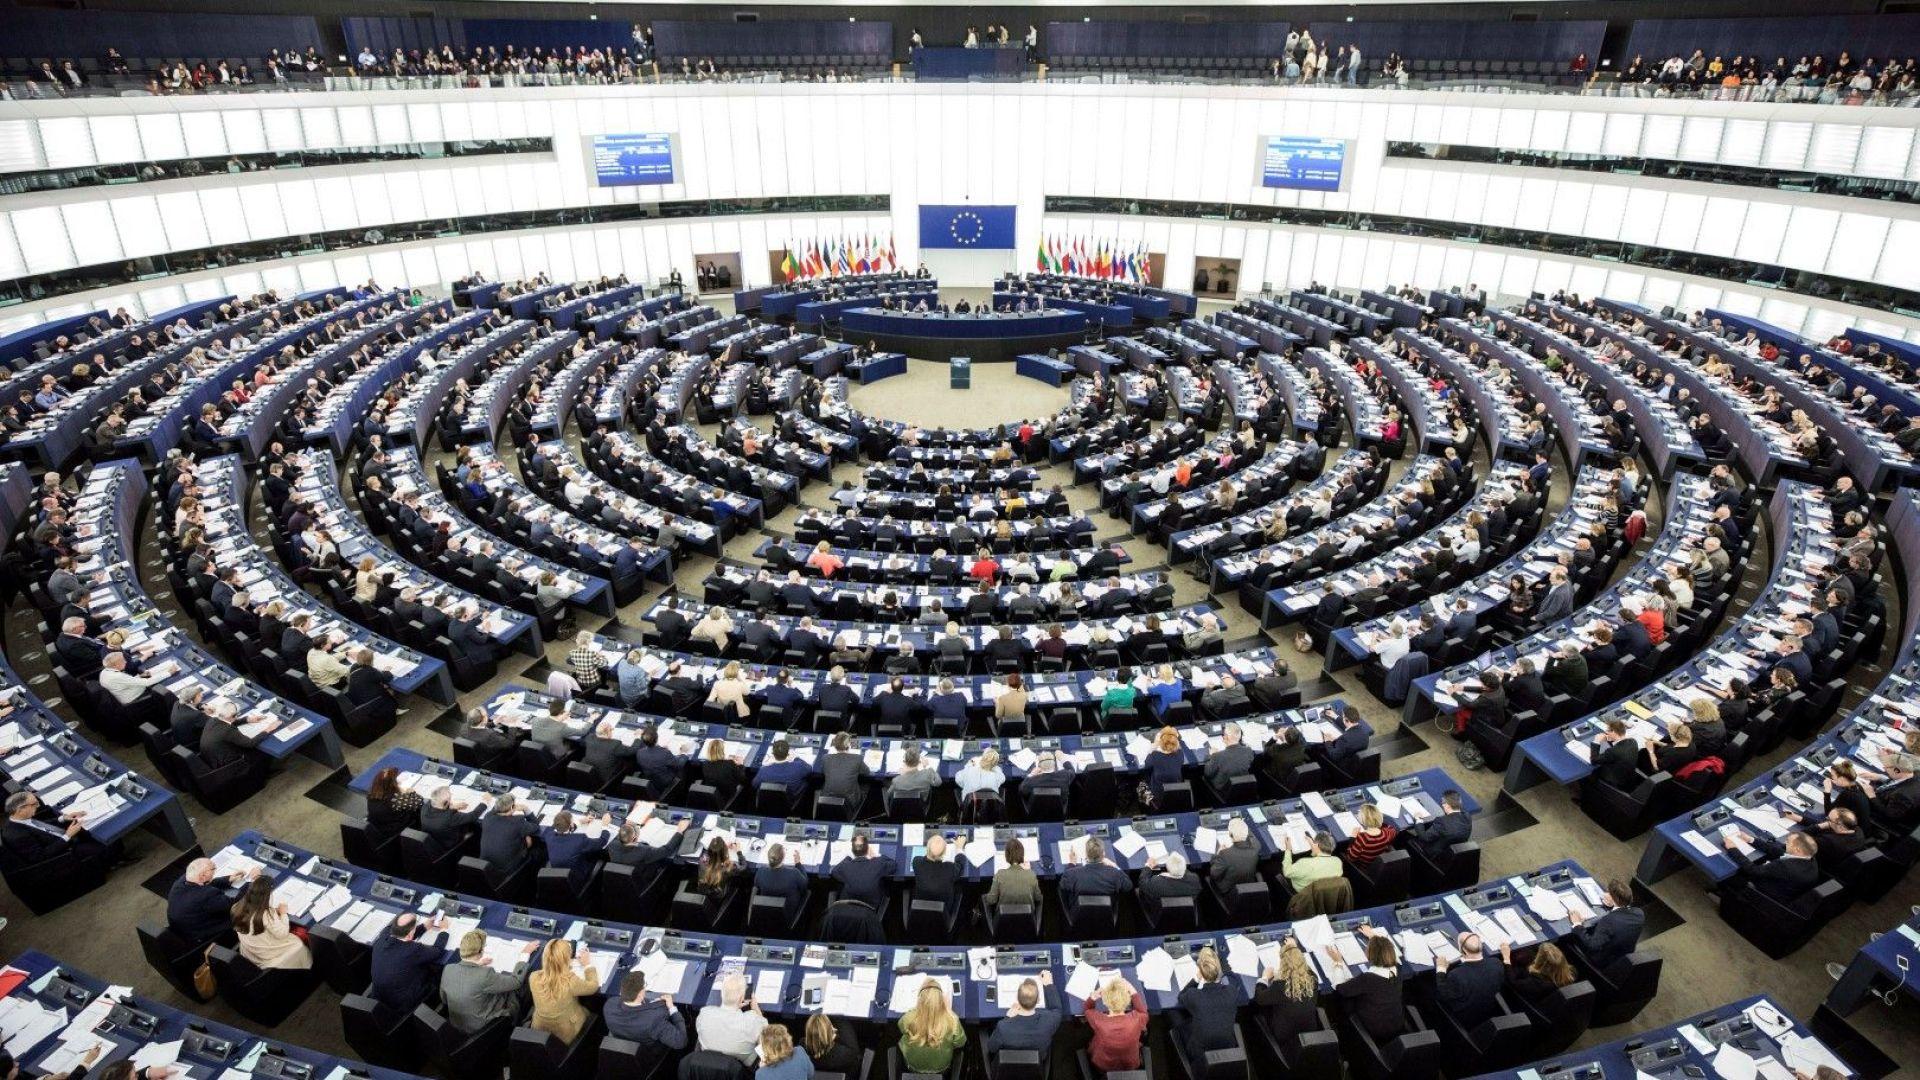 Първи общоевропейски правила за колективни искове